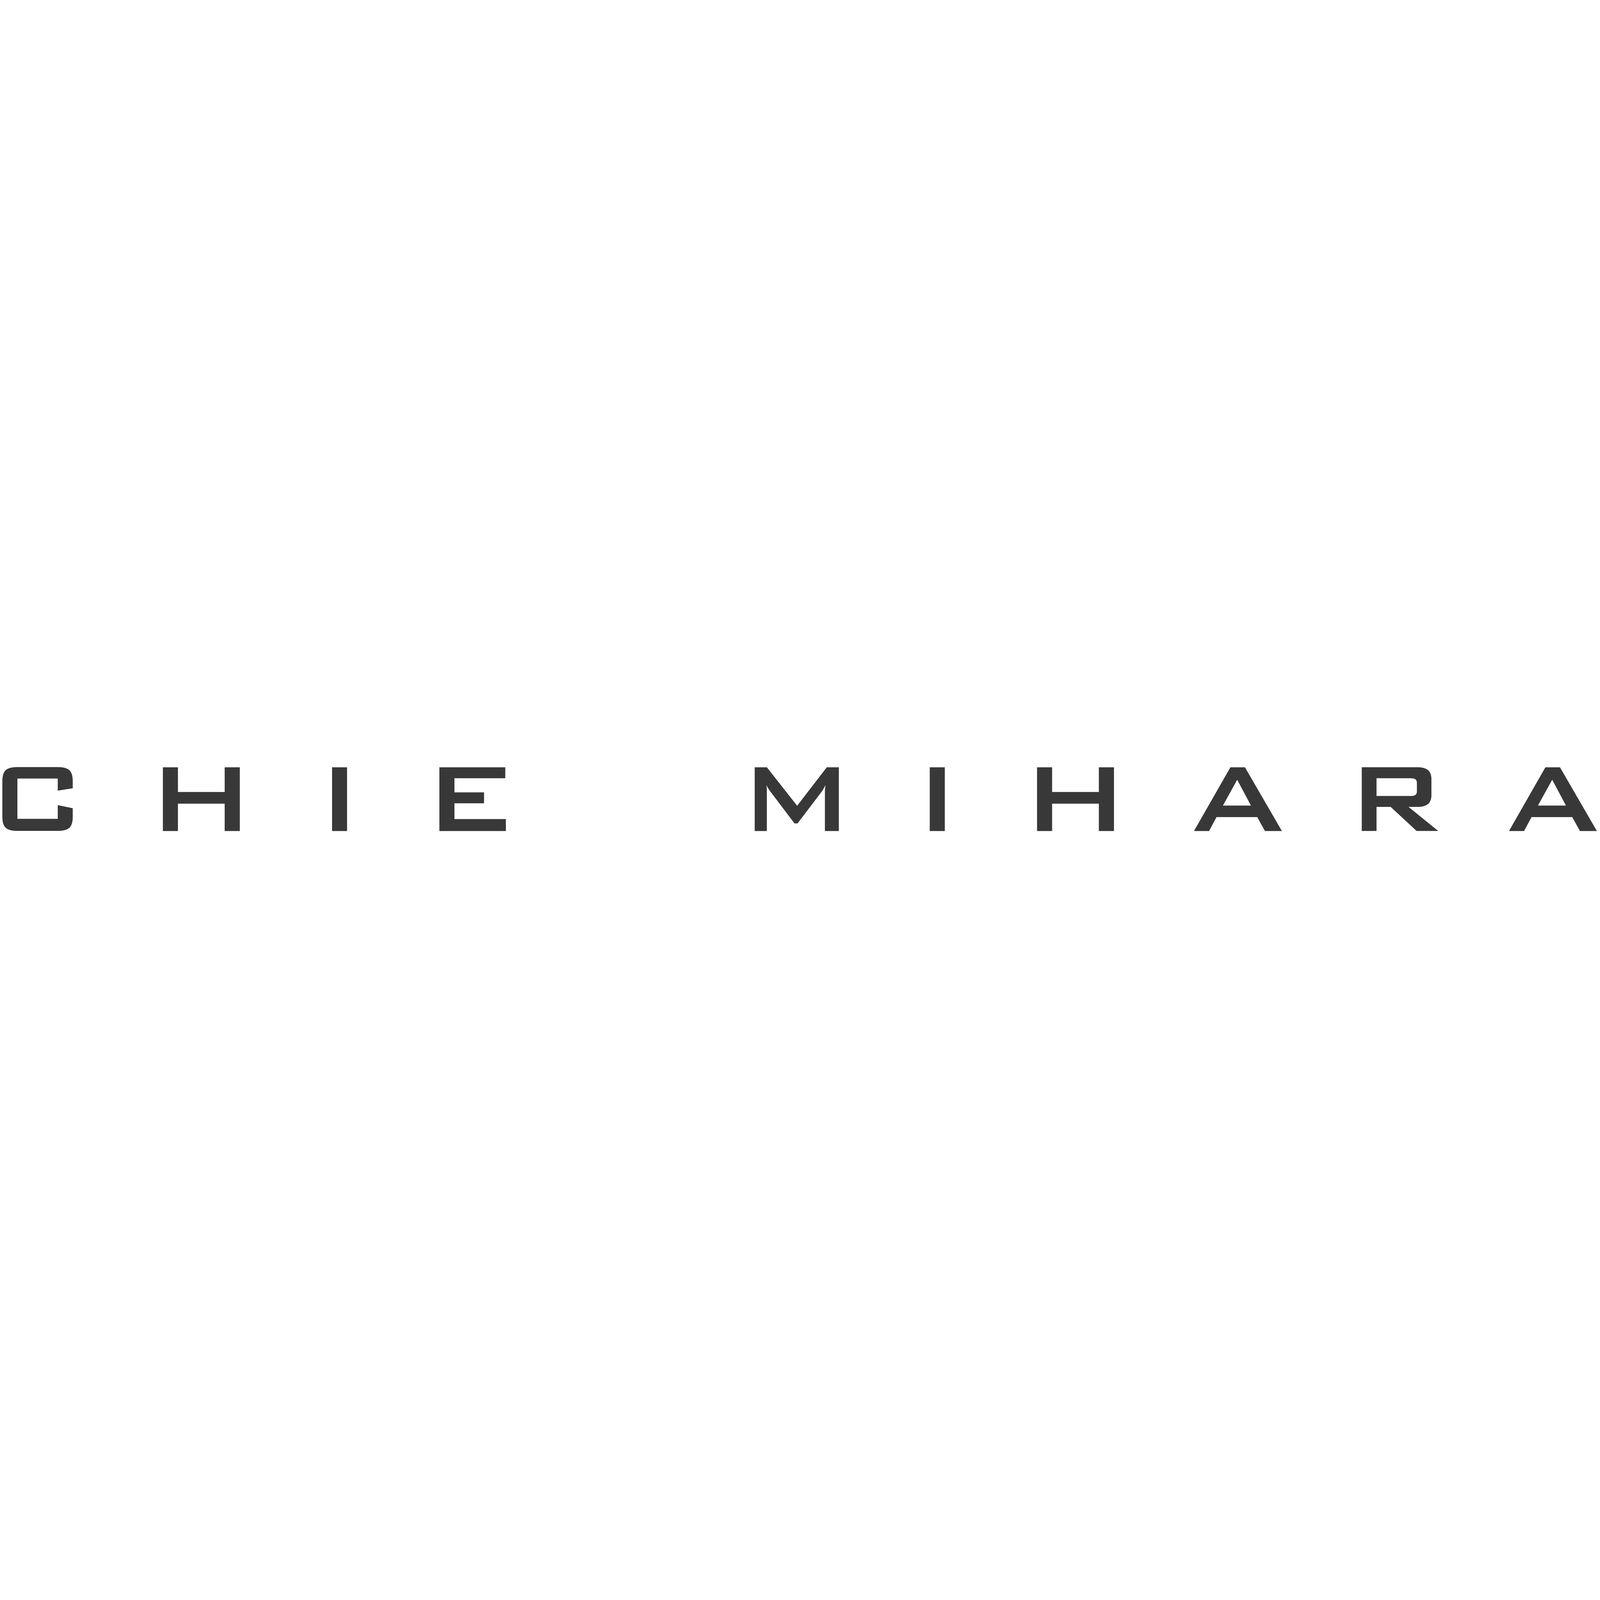 CHIE MIHARA (Bild 1)